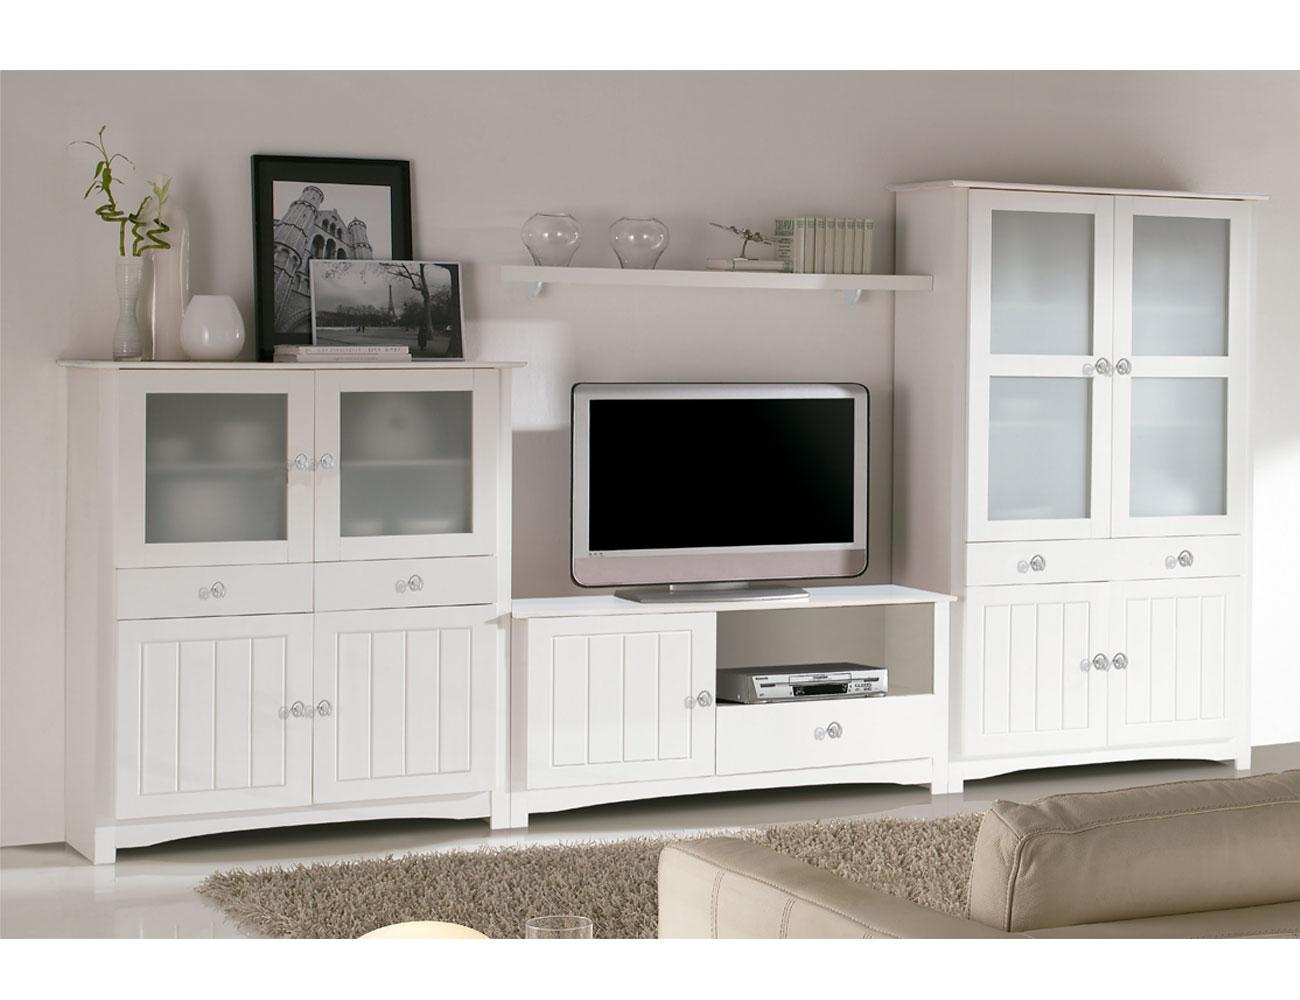 muebles comedor blanco lacado 20170801200010